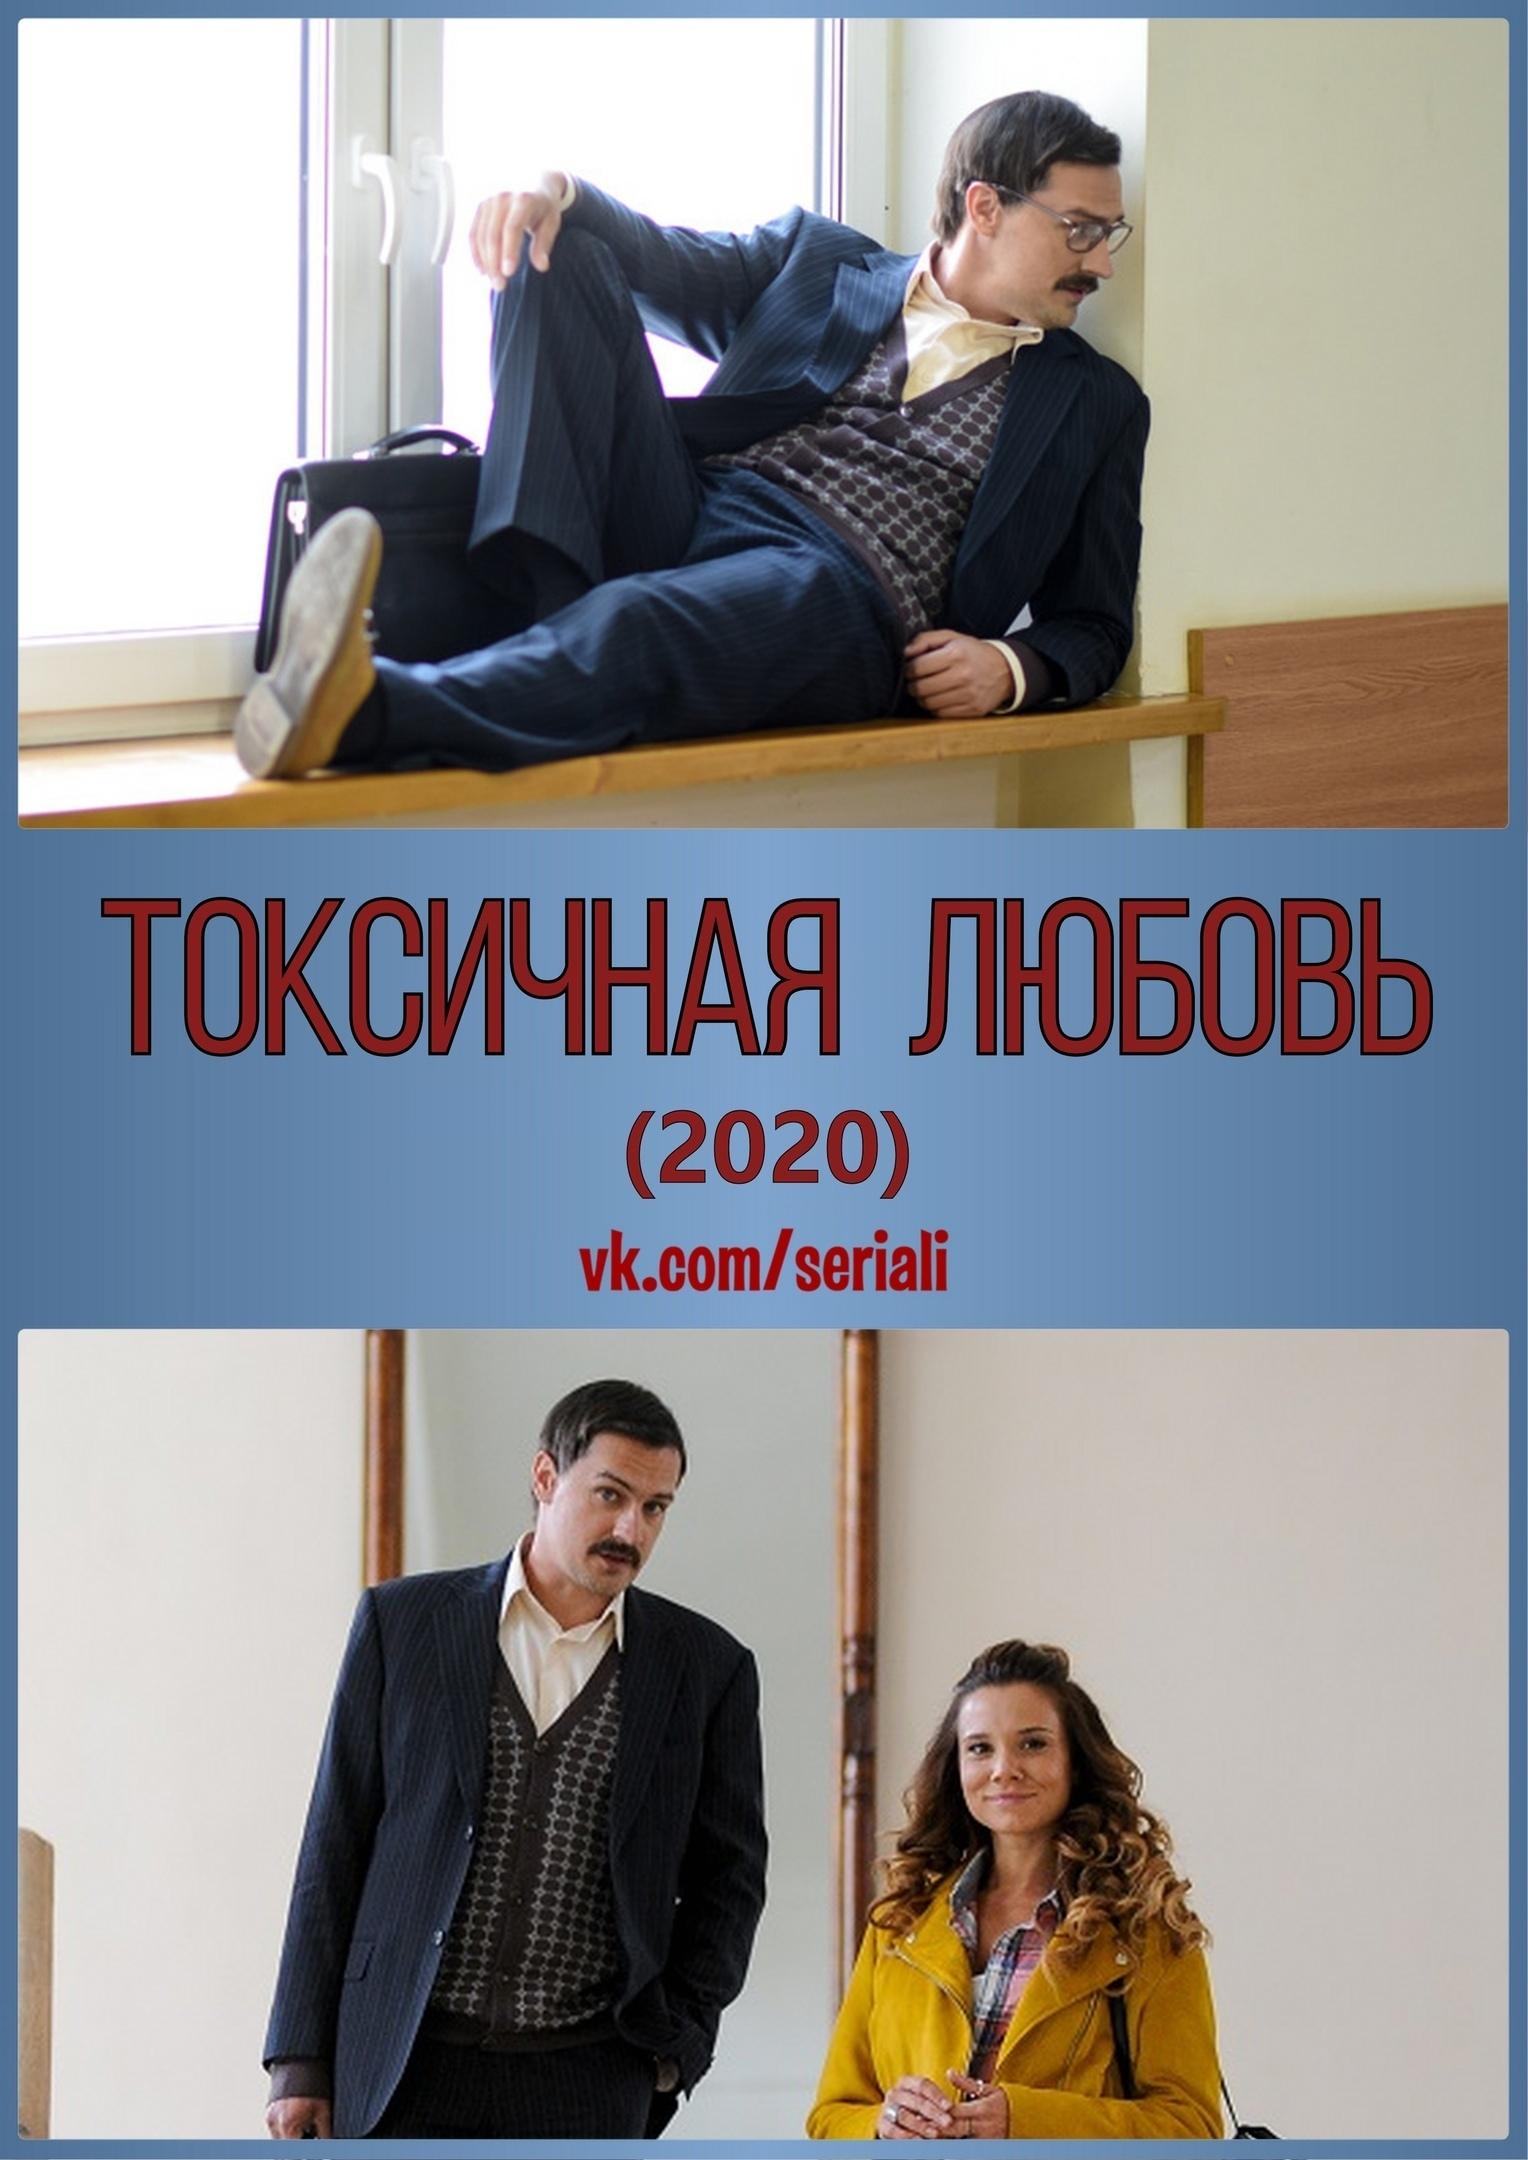 Детективная мелодрама «Toкcичнaя любoвь» (2020) 1-4 серия из 4 HD